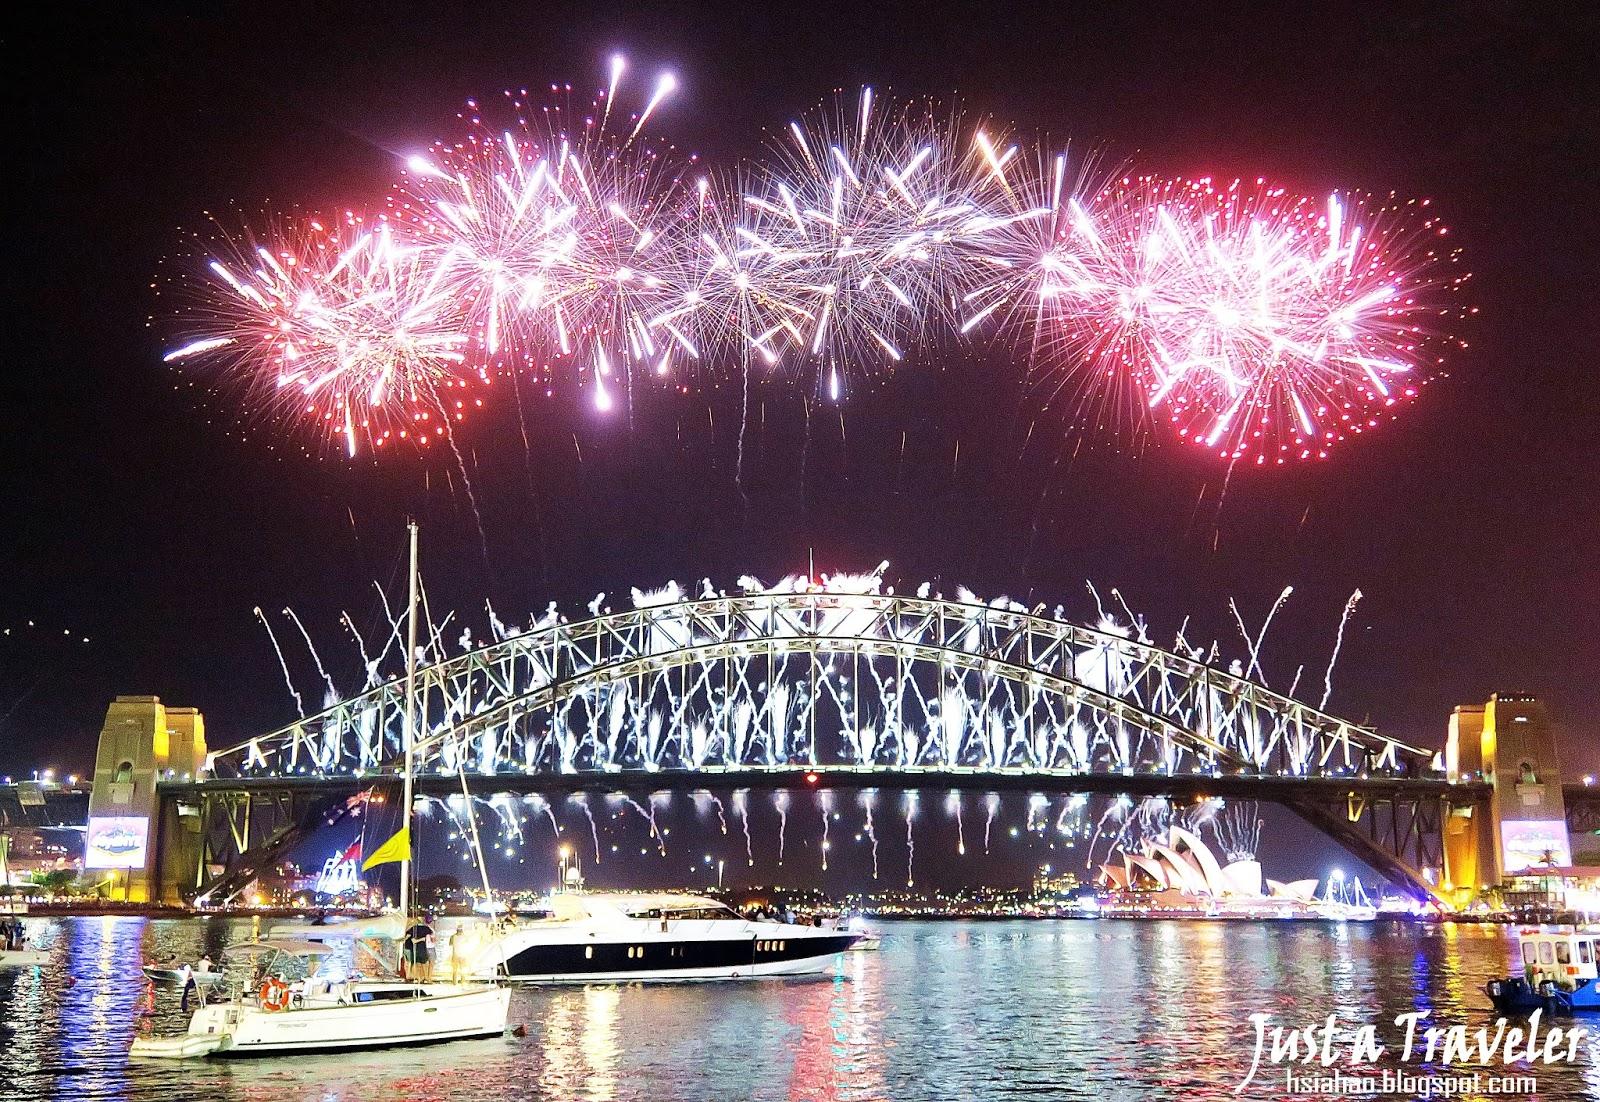 雪梨-跨年-煙火-賞點-推薦-港灣大橋-Harbour-Bridge-旅遊-自由行-澳洲-Sydney-Tourist-Attraction-Travel-Australia